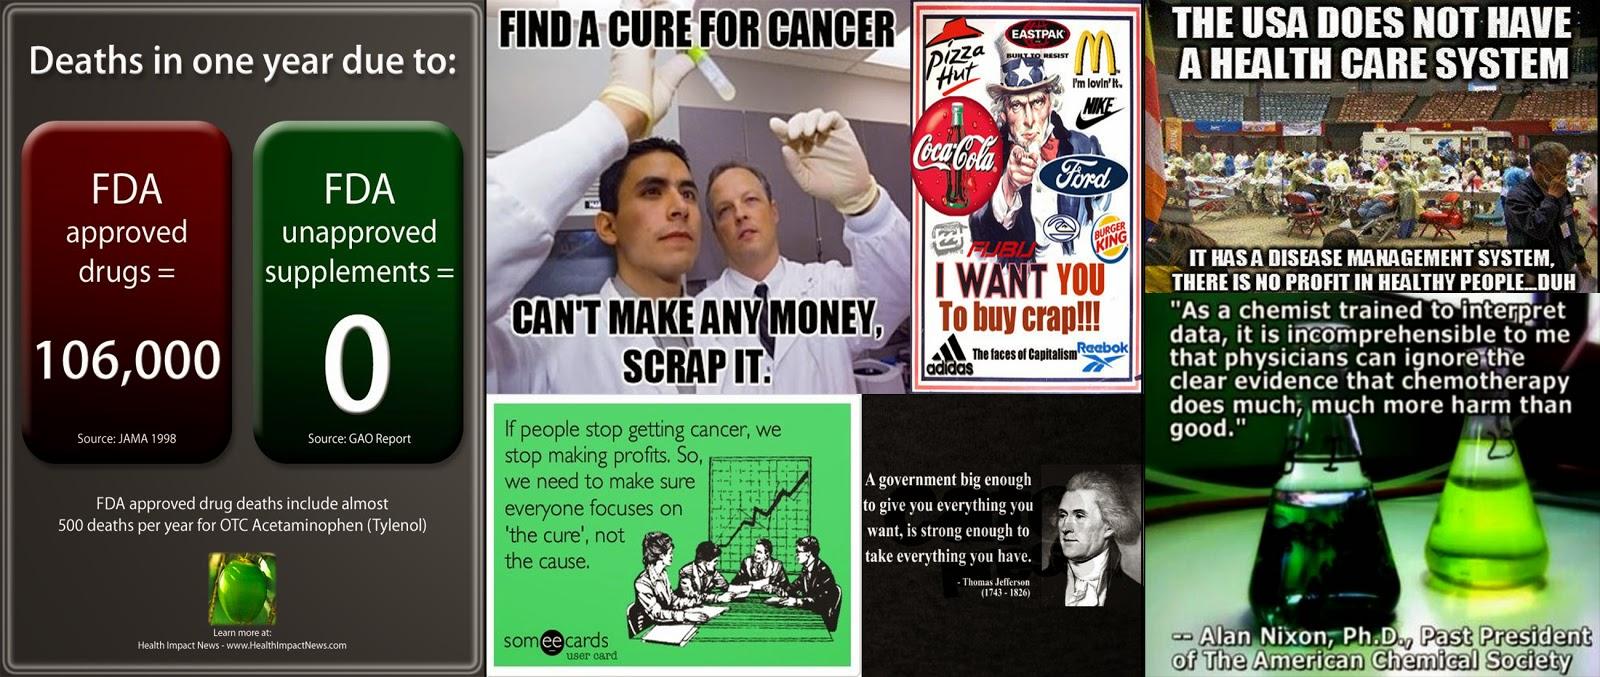 Καρκίνος, και πράγματα που δεν θα σας πουν και δεν γνωρίζετε.  18